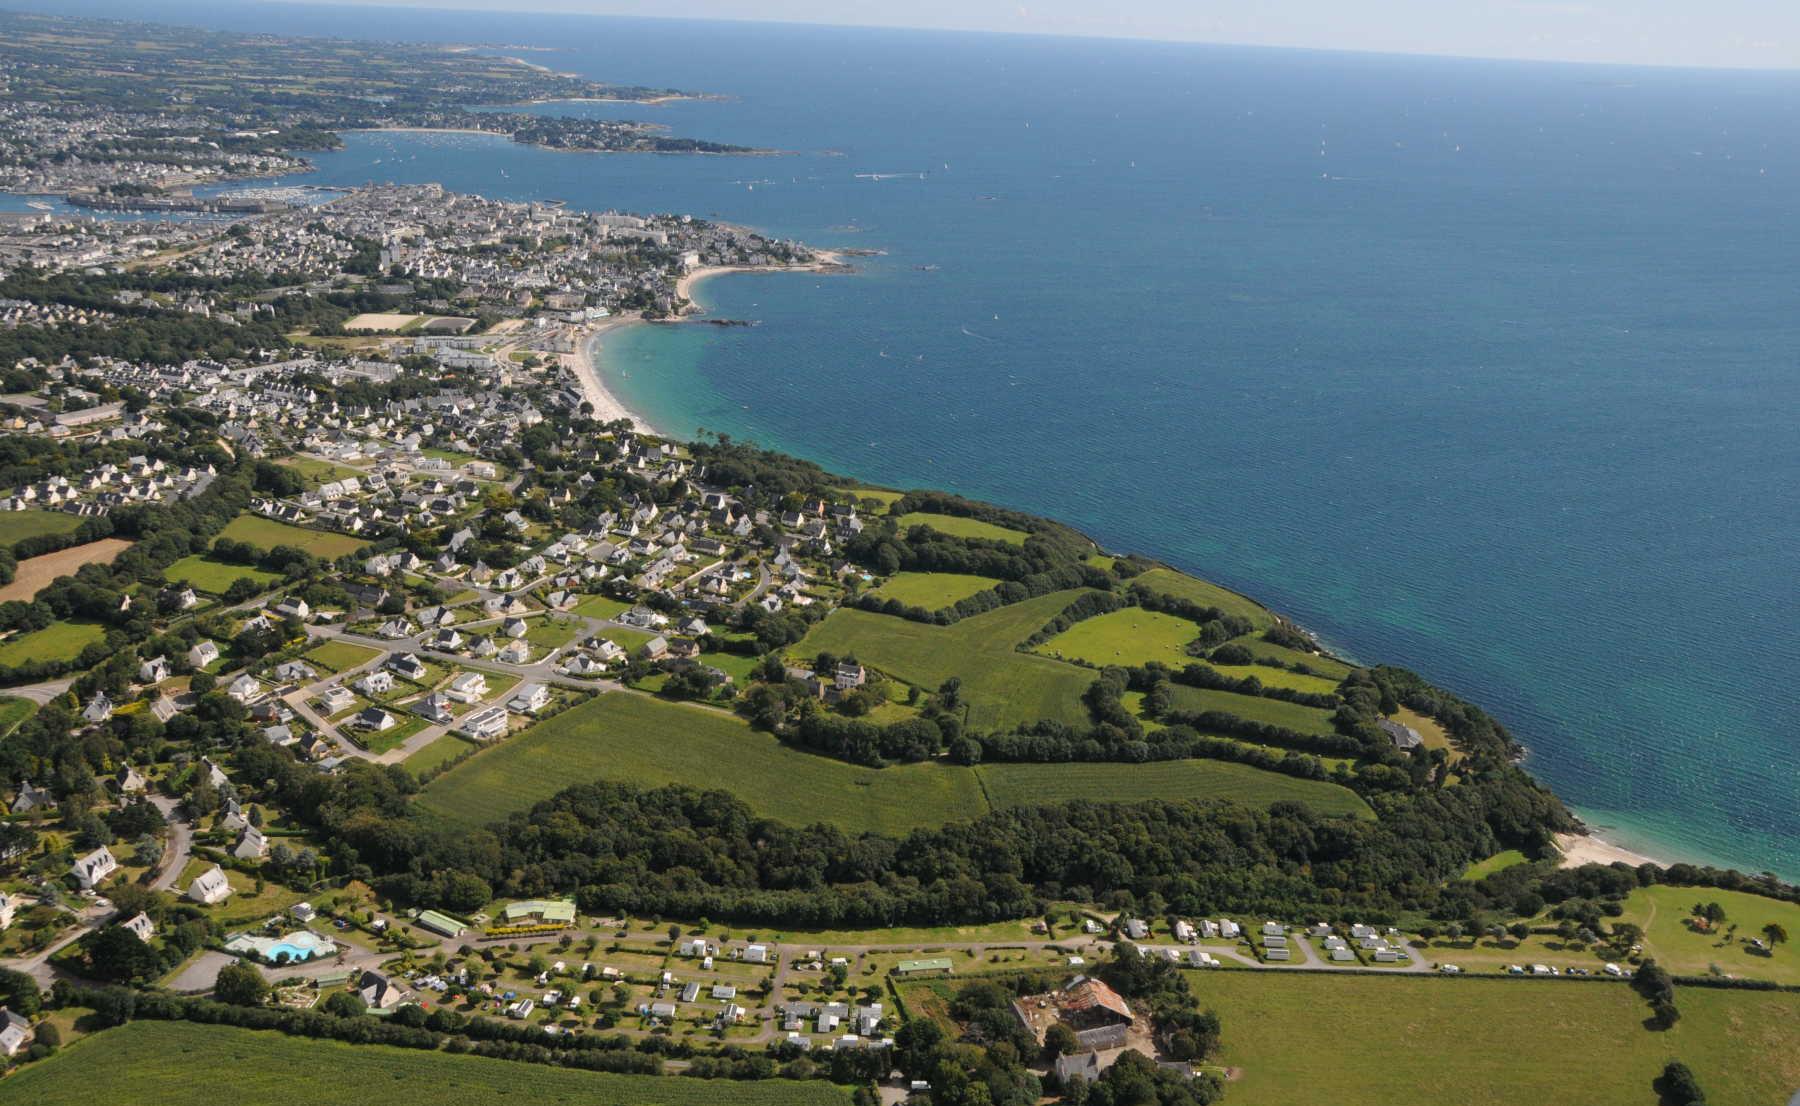 Camping - Les Prés Verts aux 4 Sardines - Concarneau - Bretagne - France